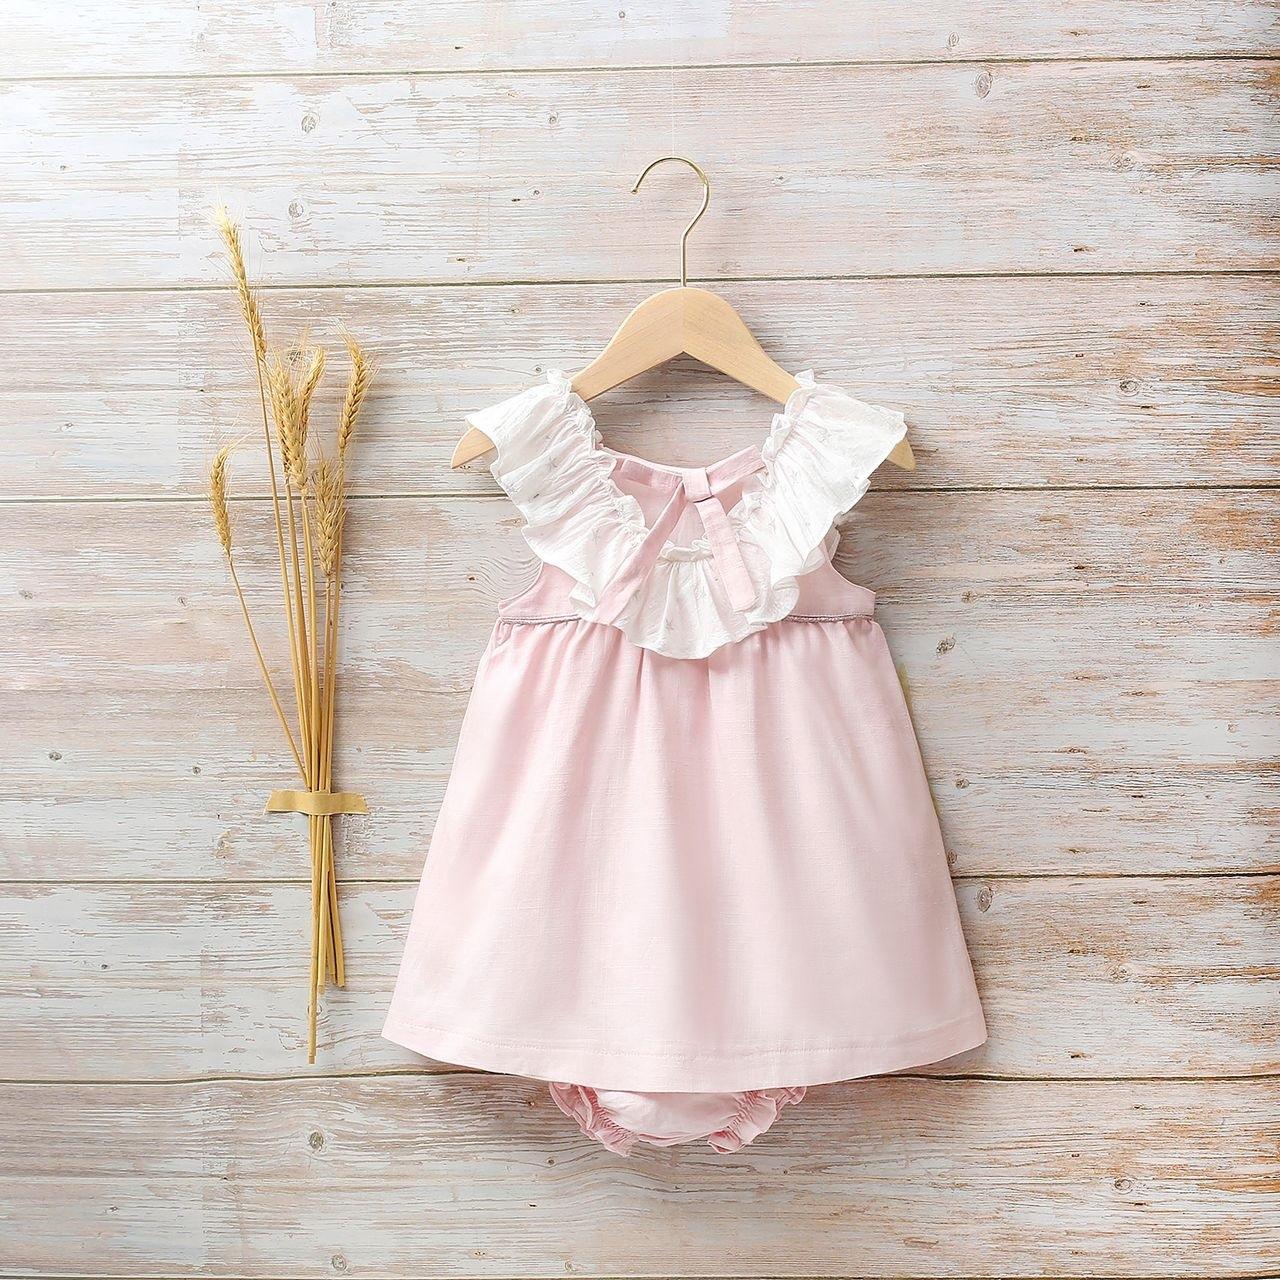 Imagen de Vestido bebé estrellas con volante de estrellas plateadas